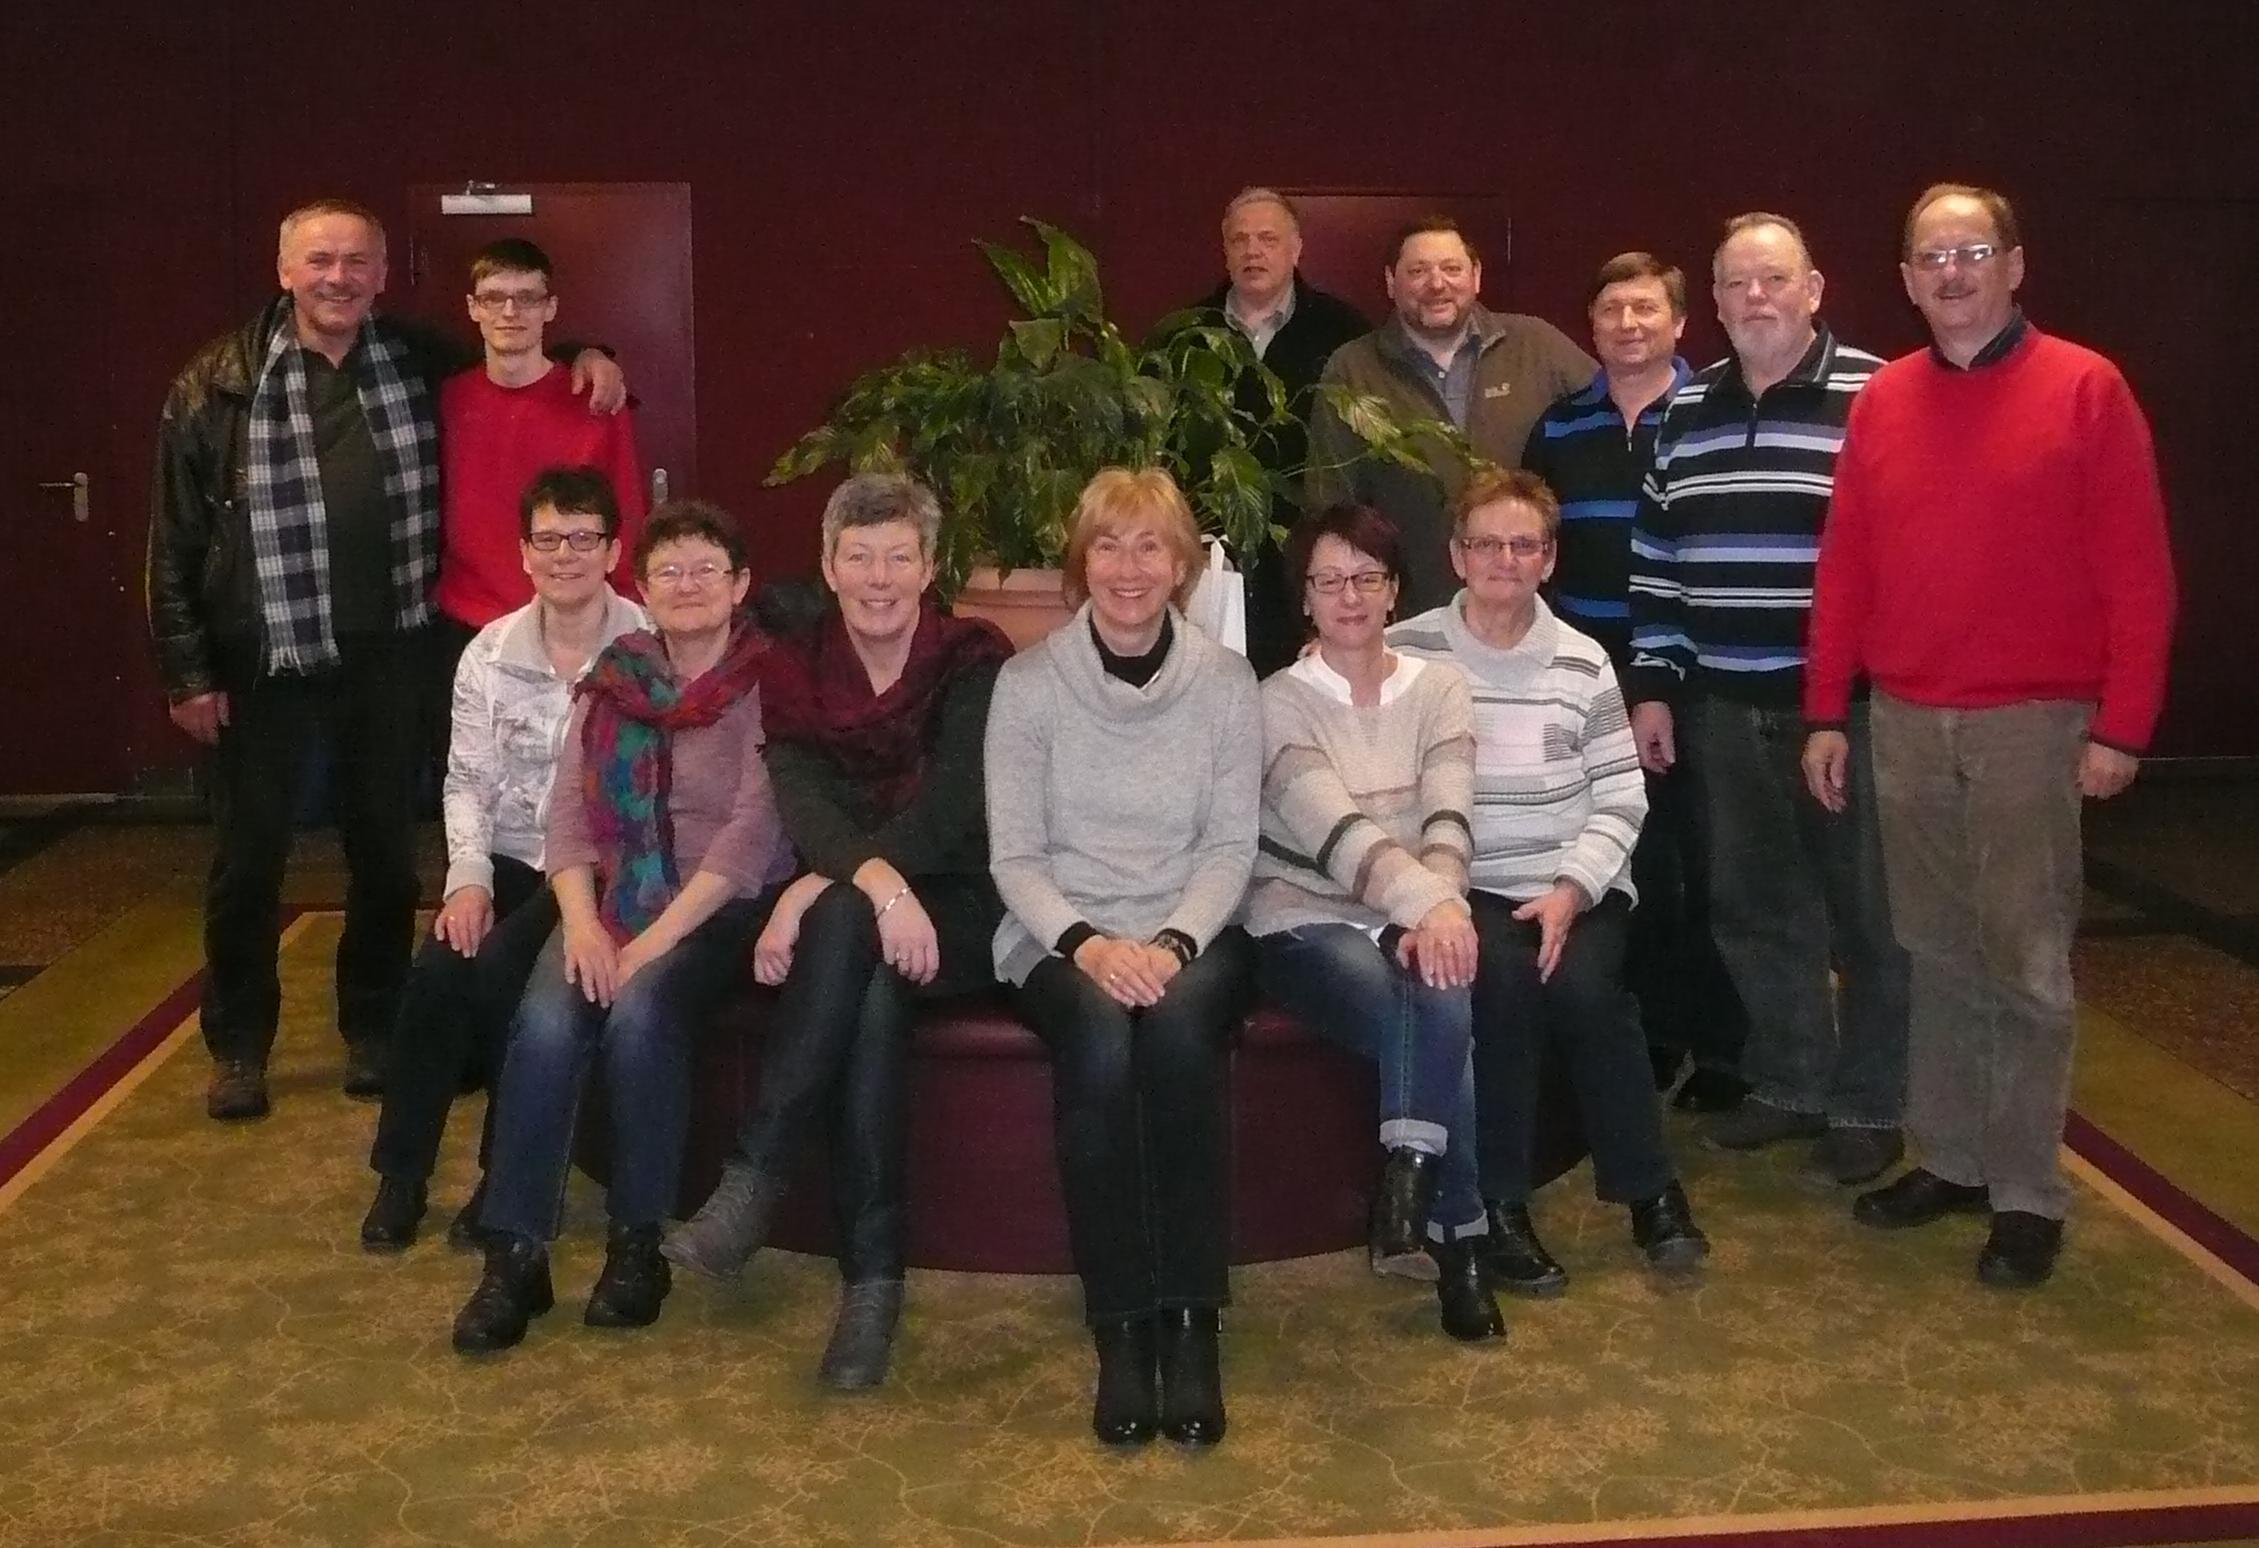 Mitglieder des SPD Ortsverein Vacha und der SPD Stadtratsfraktion bei der gemeinsamen Klausurtagung.